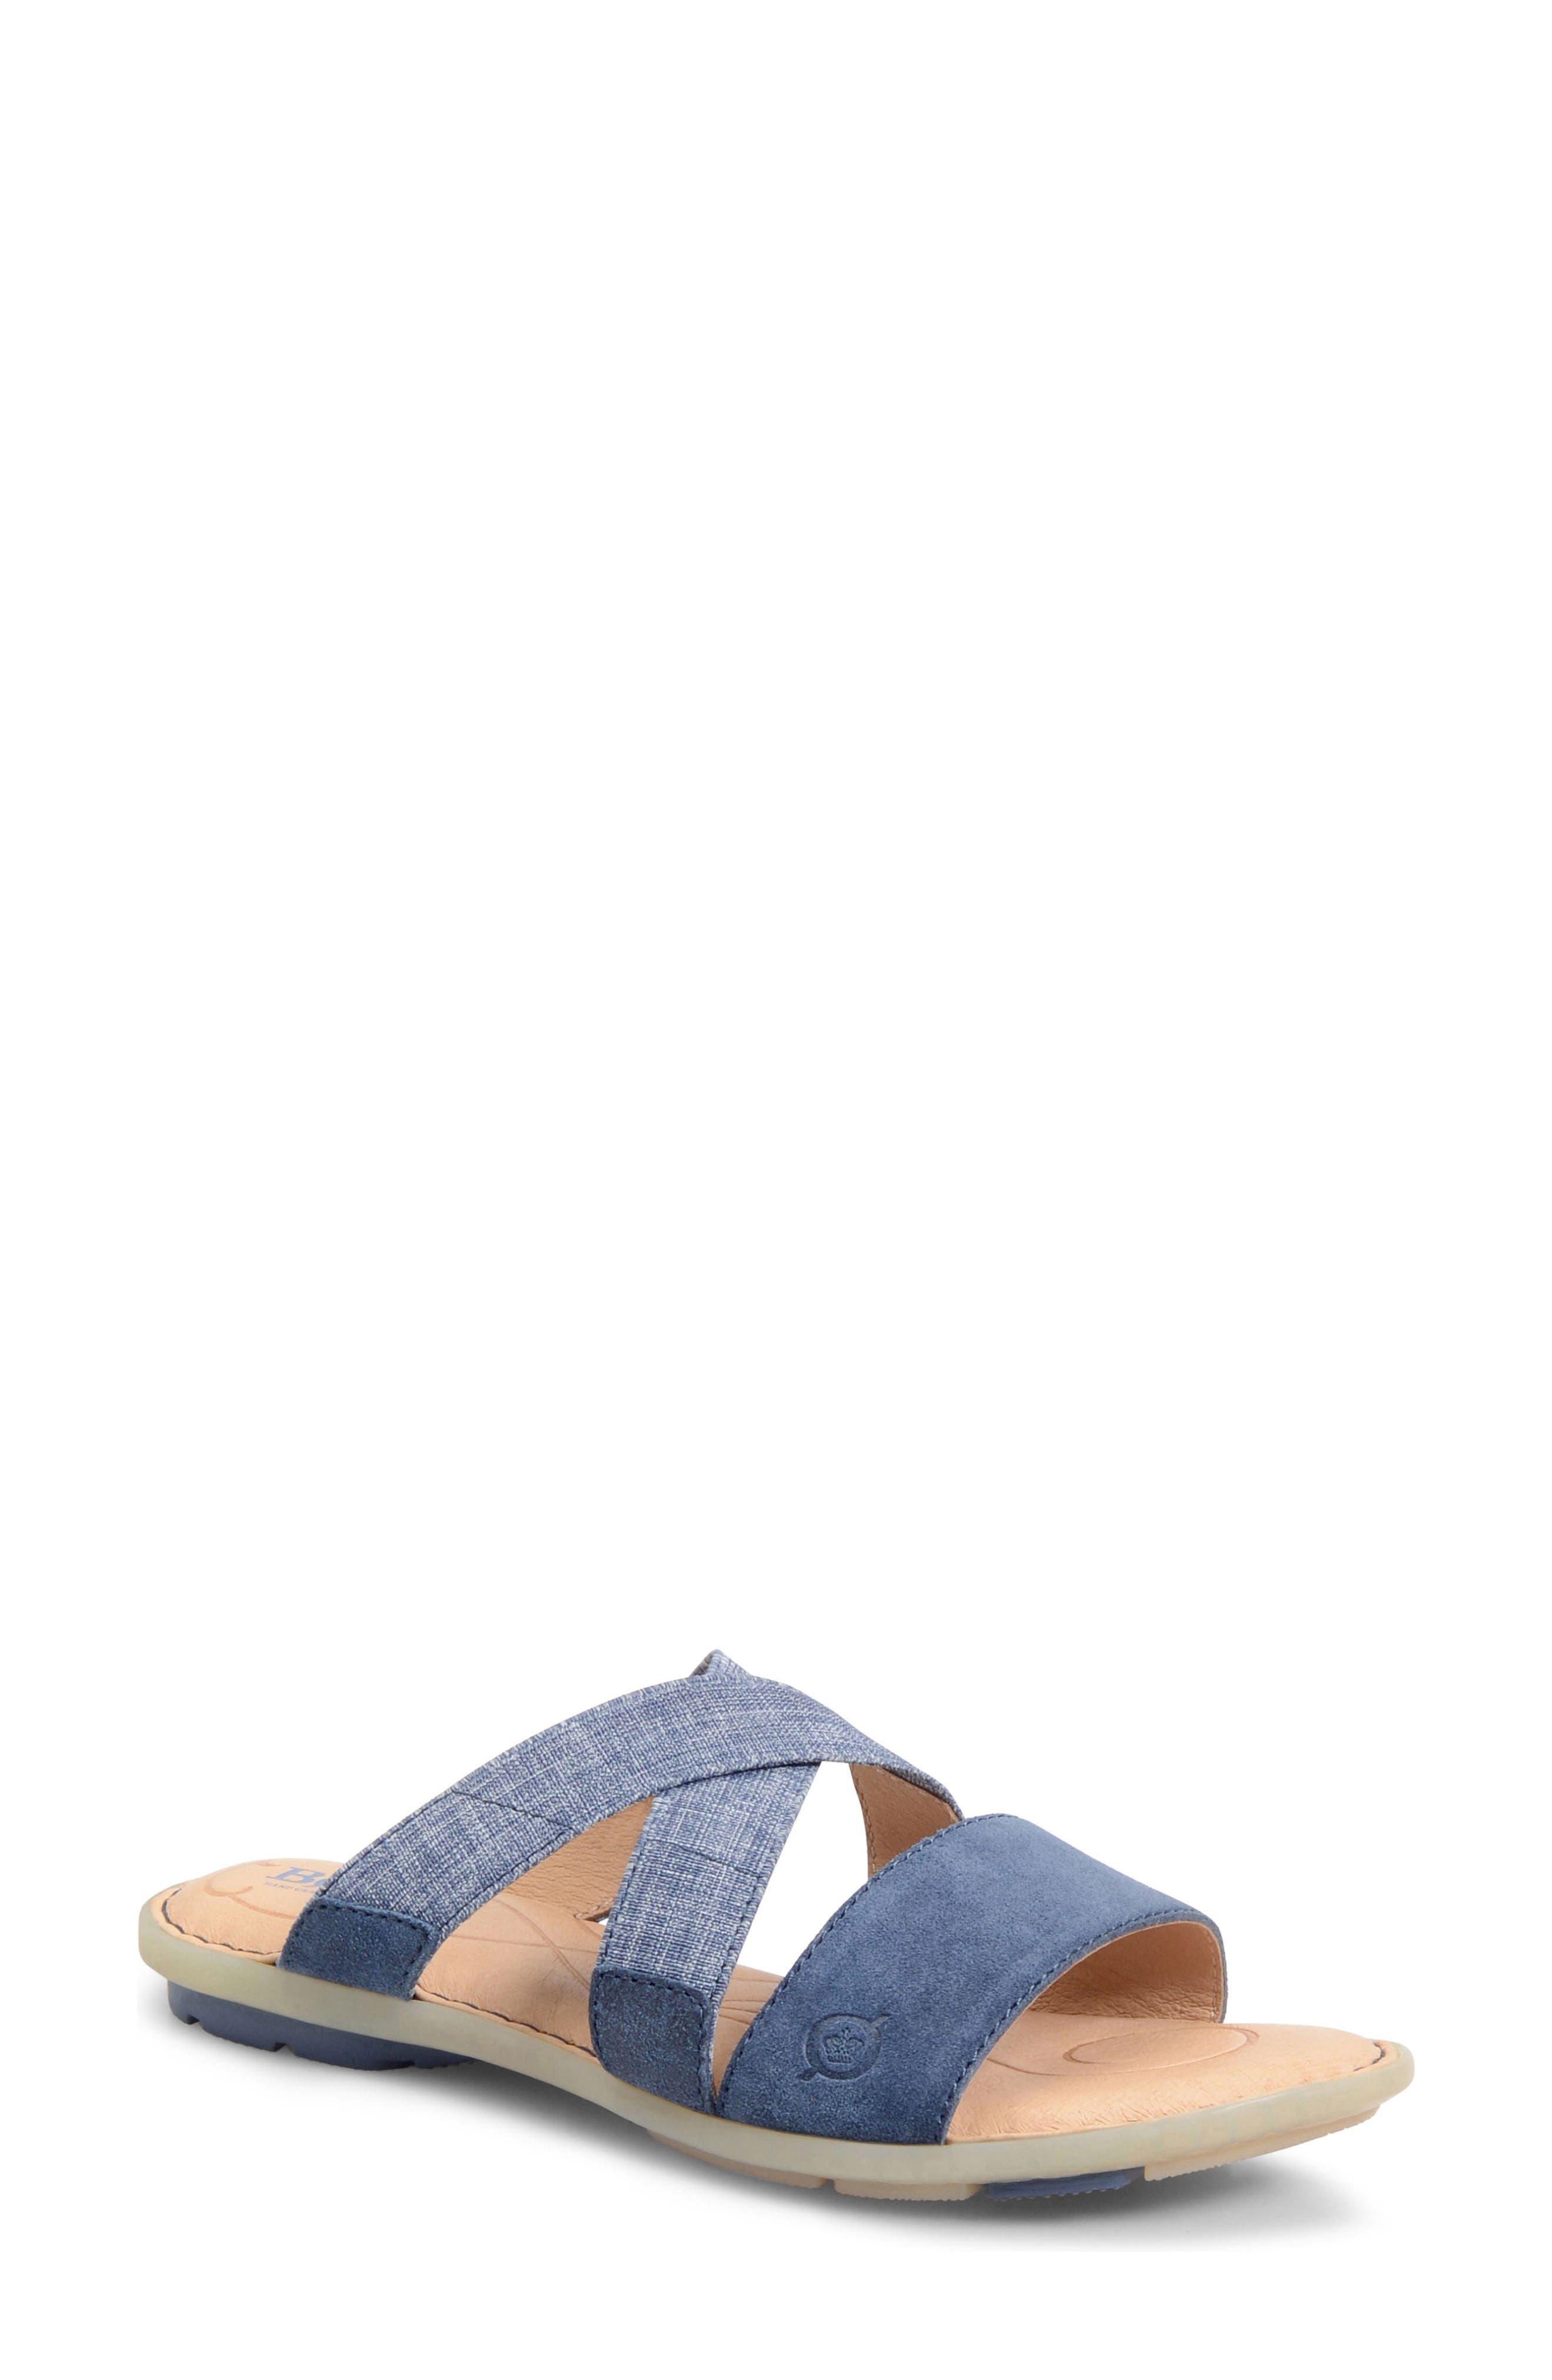 Tidore Slide Sandal,                             Main thumbnail 4, color,